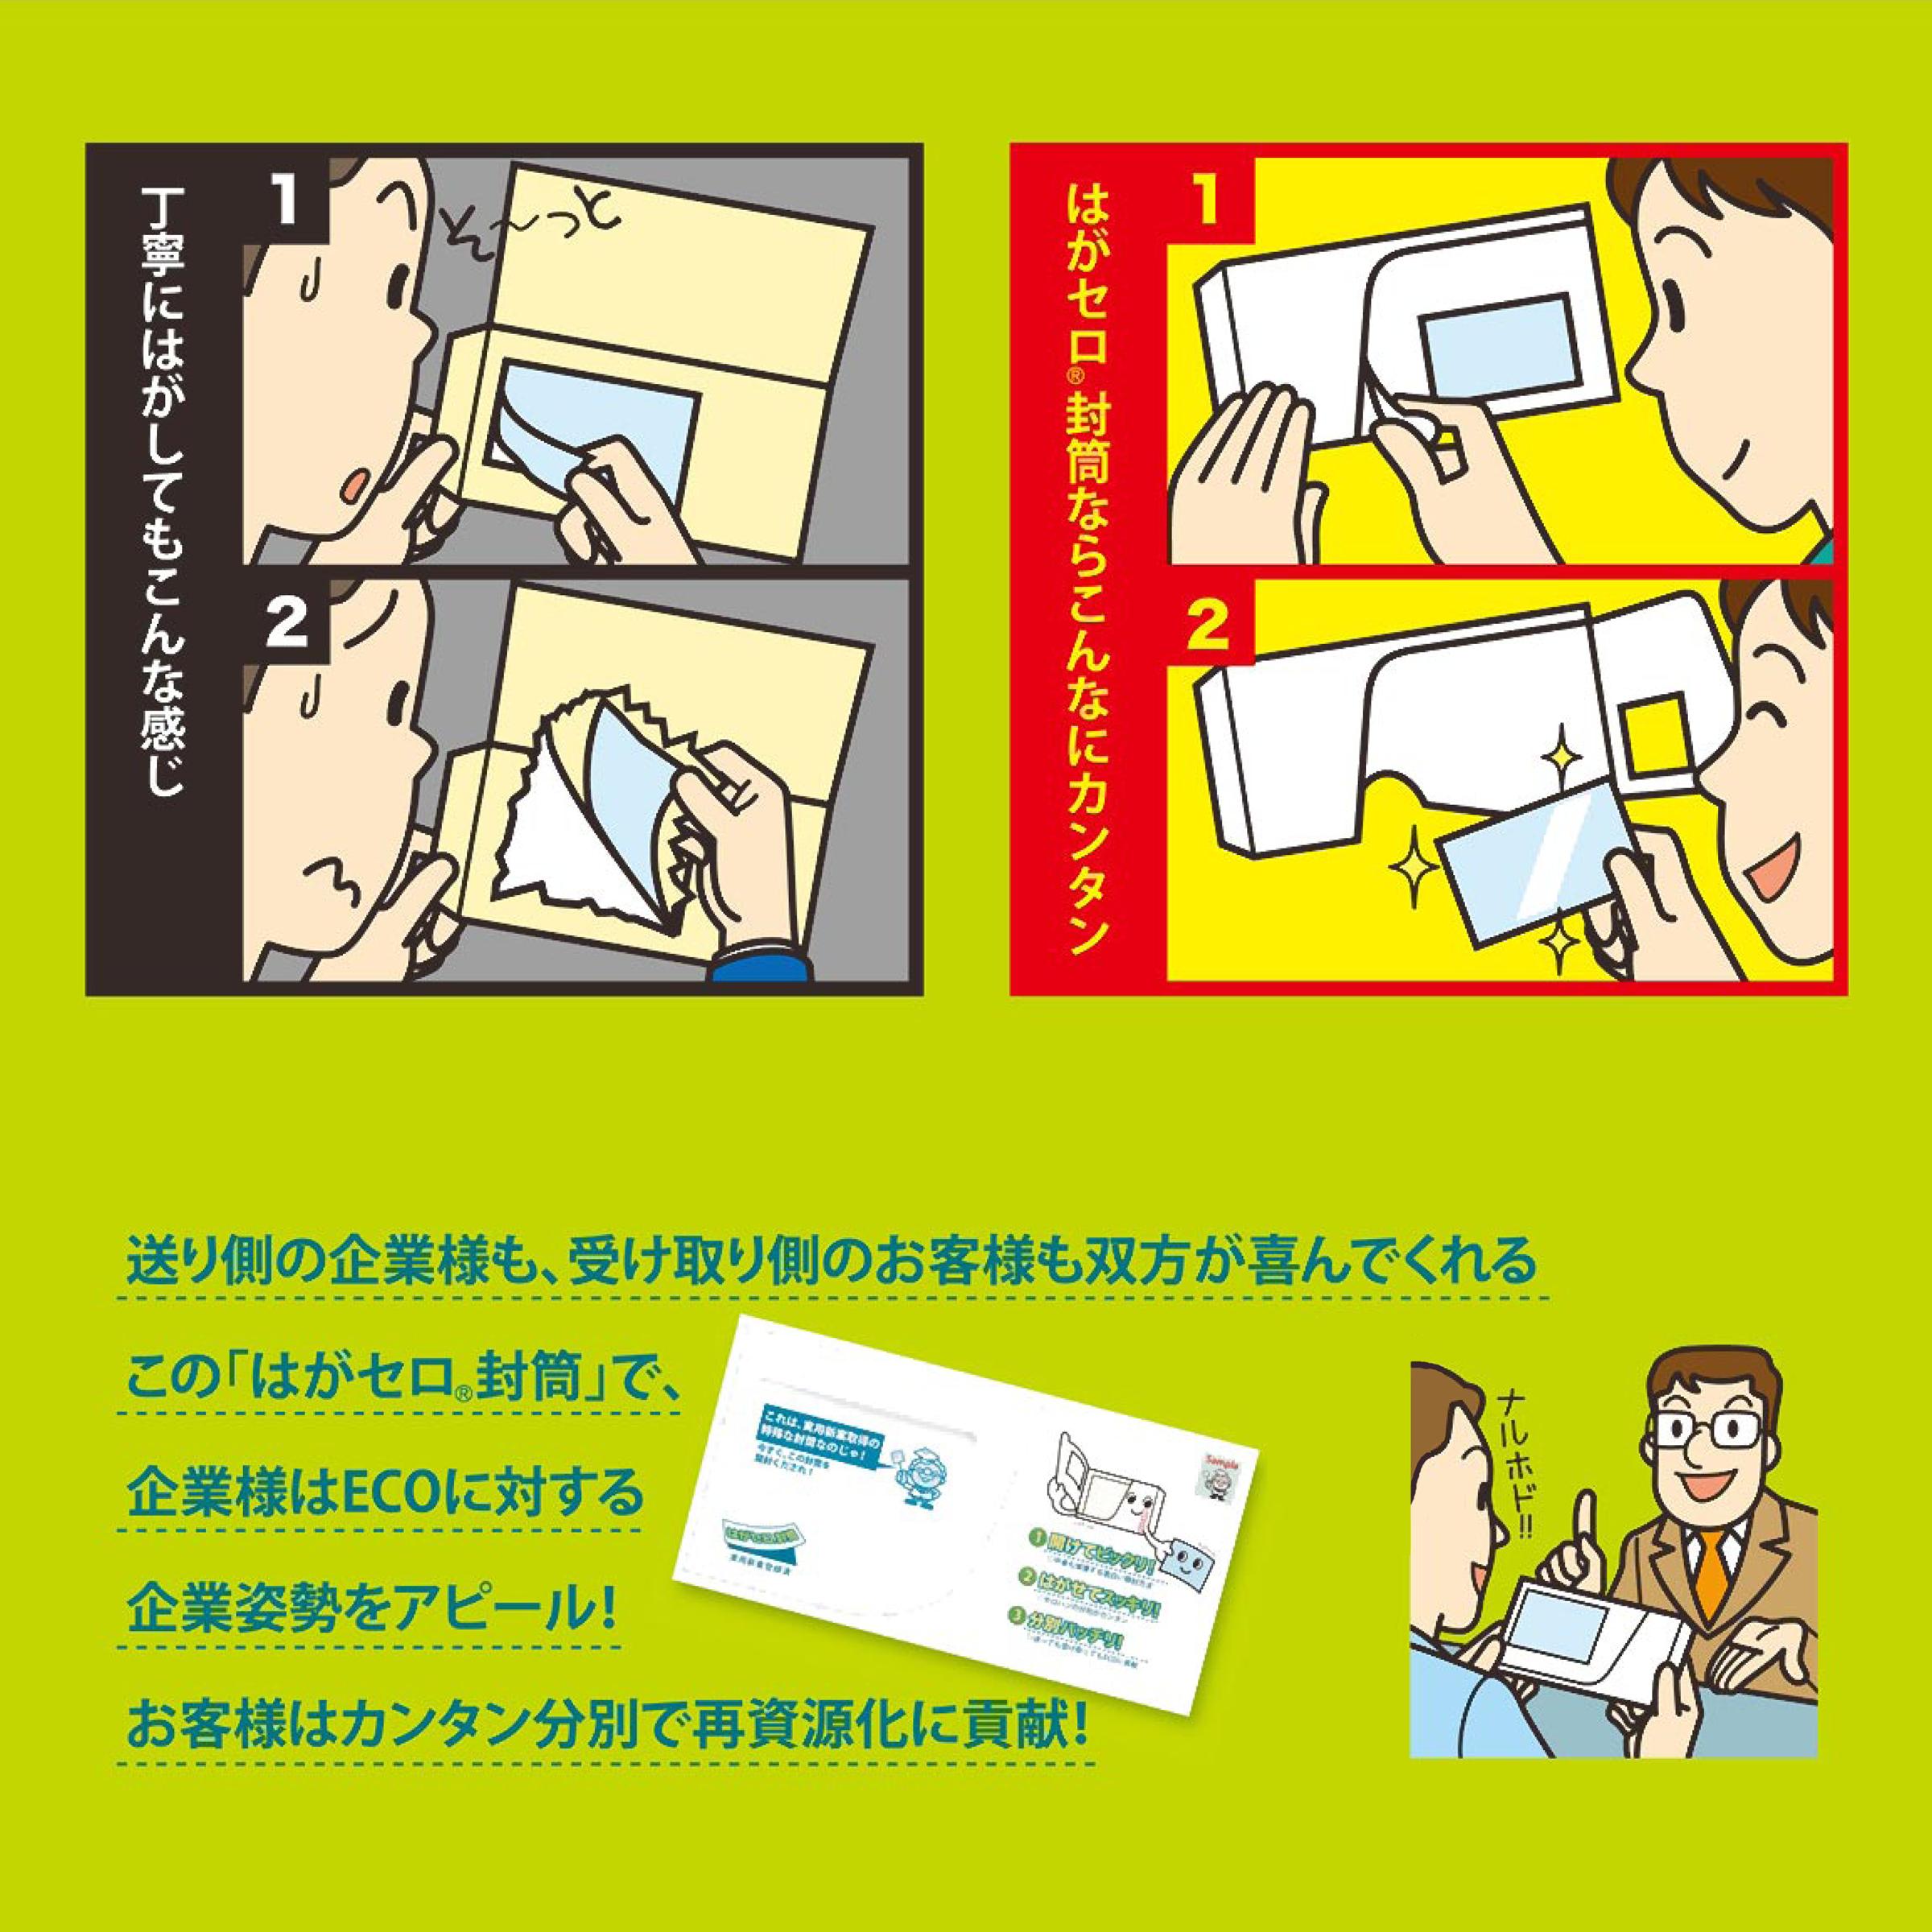 【はがセロ®】 長3封筒クラフト1,000枚入